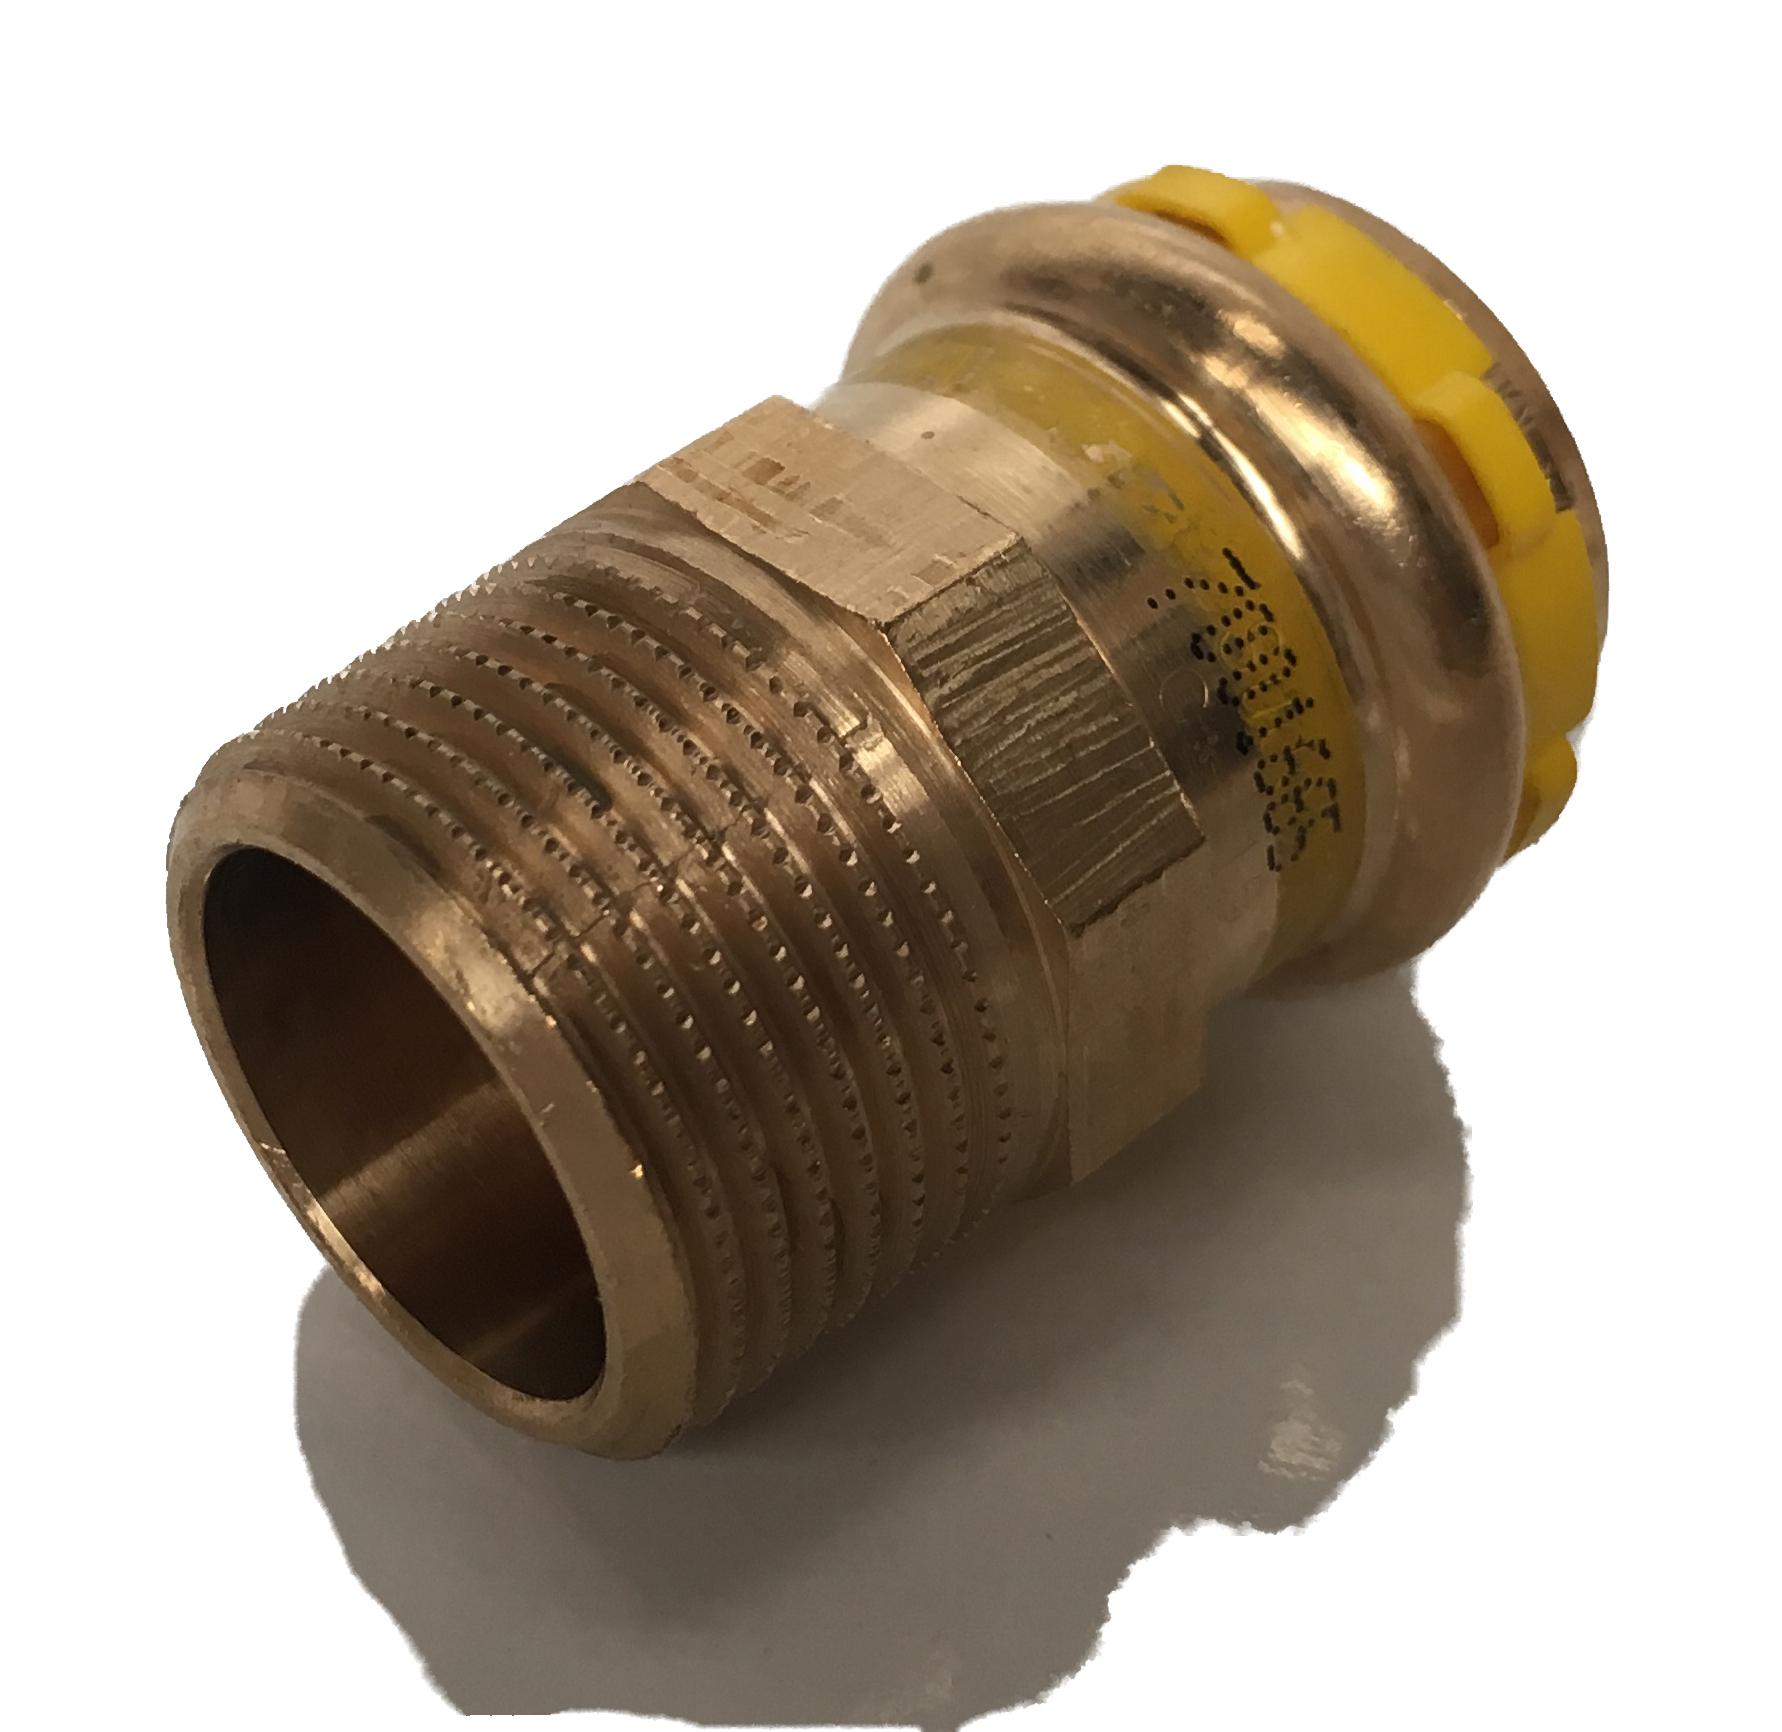 Straight fitting Copper Sudopress Press GAS 18x3/4M V-profile Sudopress